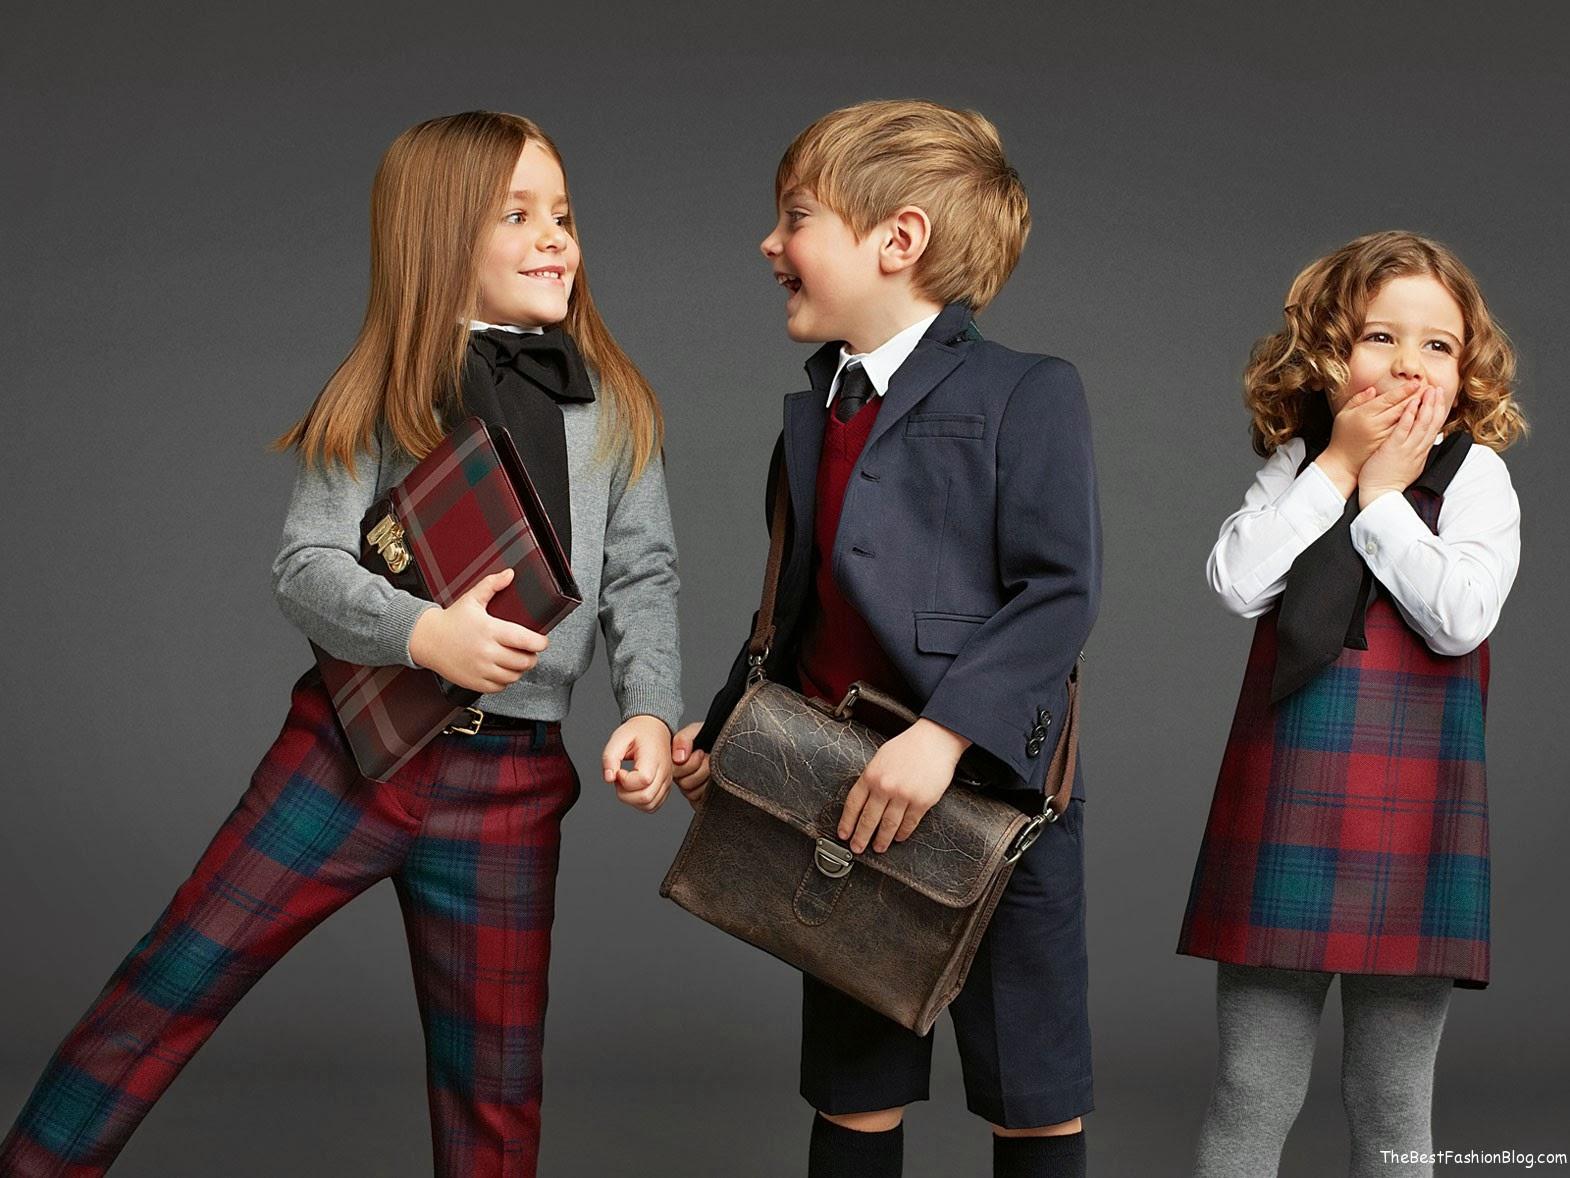 بالصور صور ملابس اطفال شتاء 2019 20160803 1326